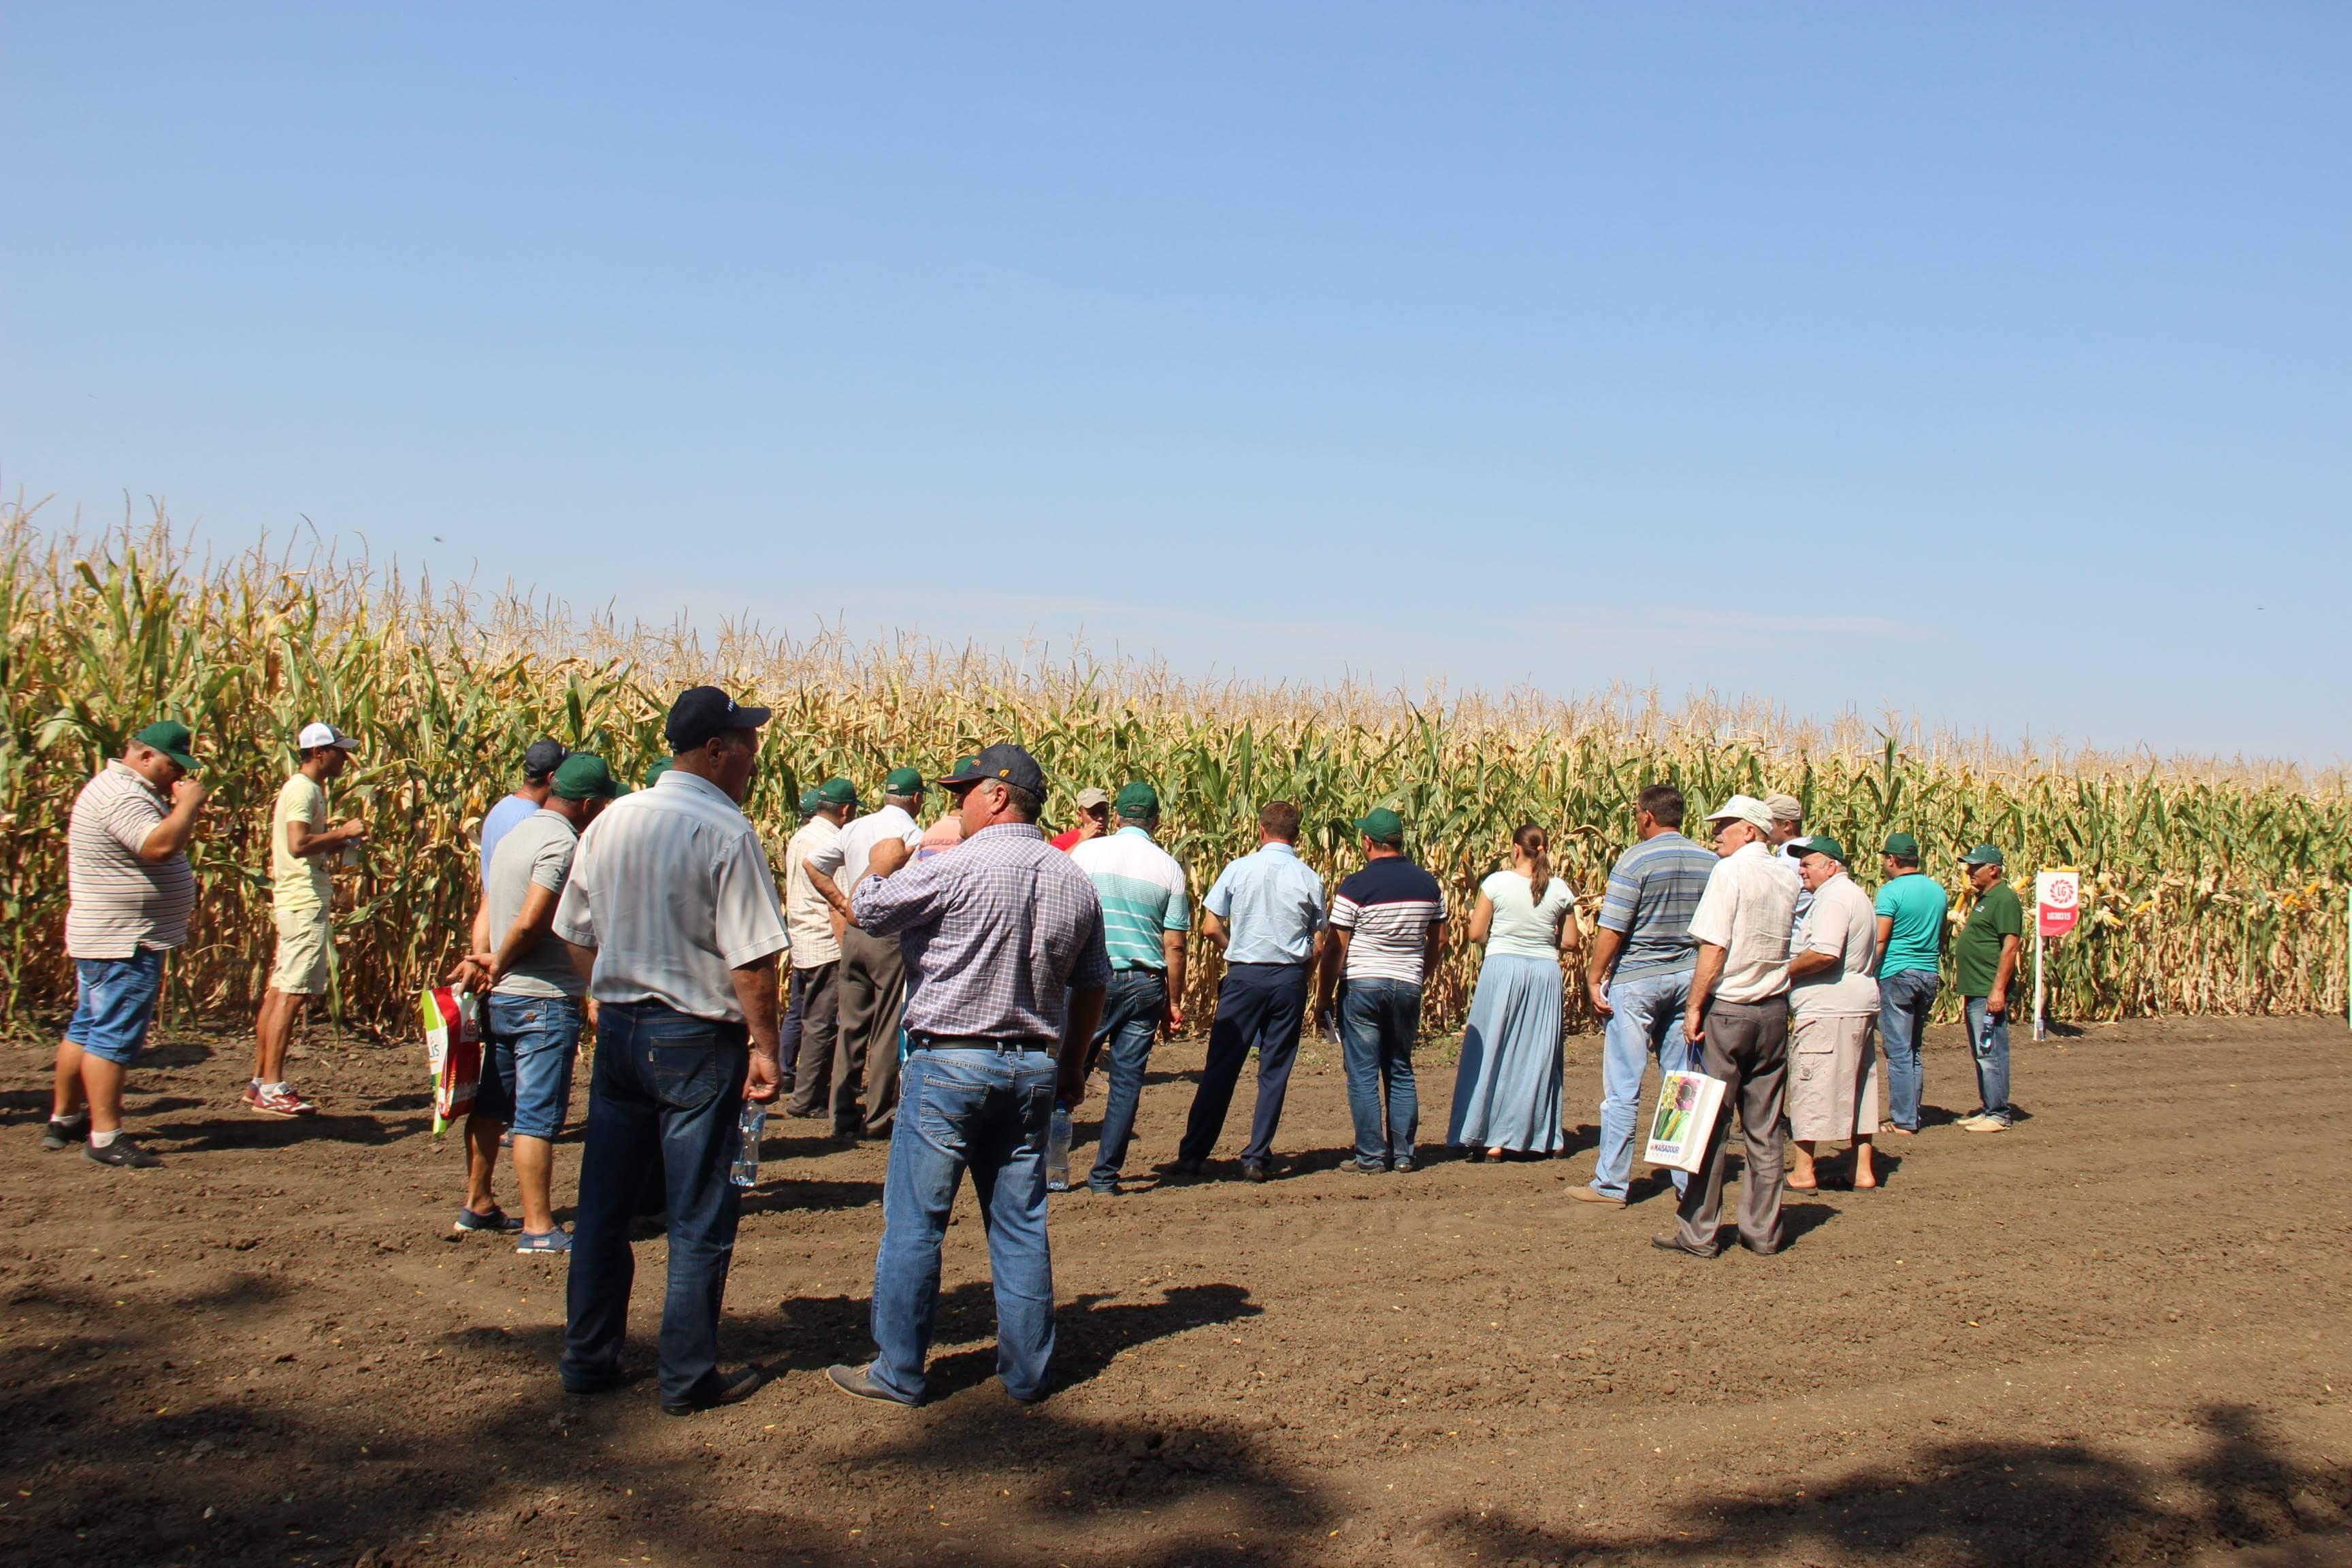 На знаменитой агрофирме в Арцизском районе всю область учили вести сельское хозяйство